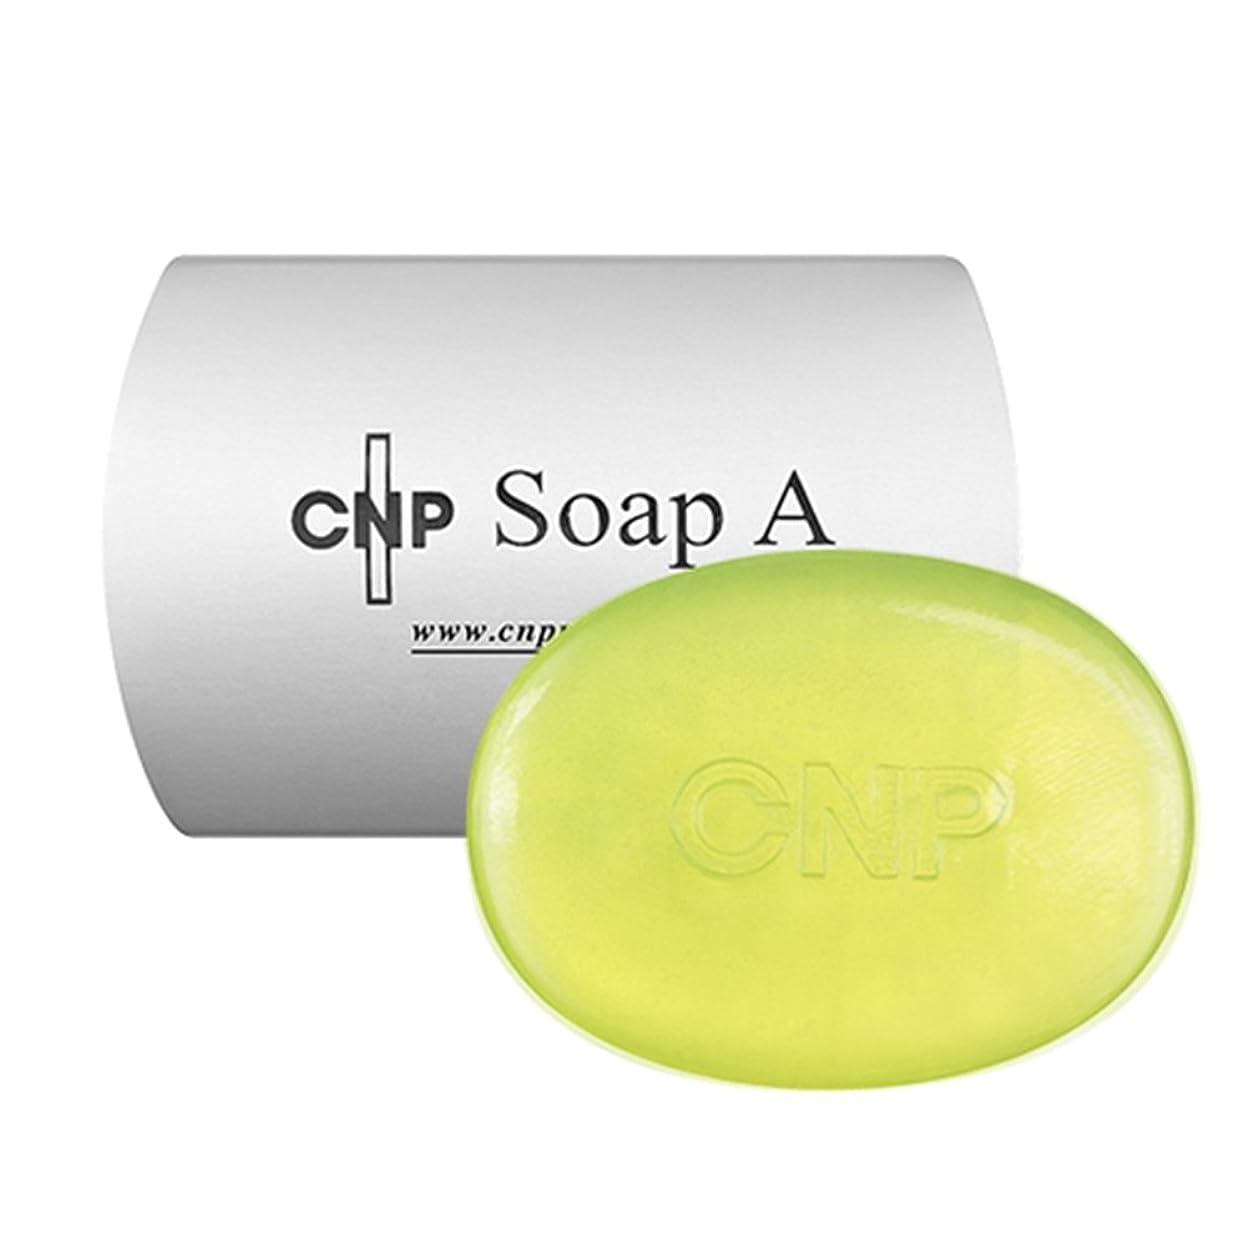 破滅的なデコードするレンズCNP Soap A チャアンドパク ソープ A [並行輸入品]